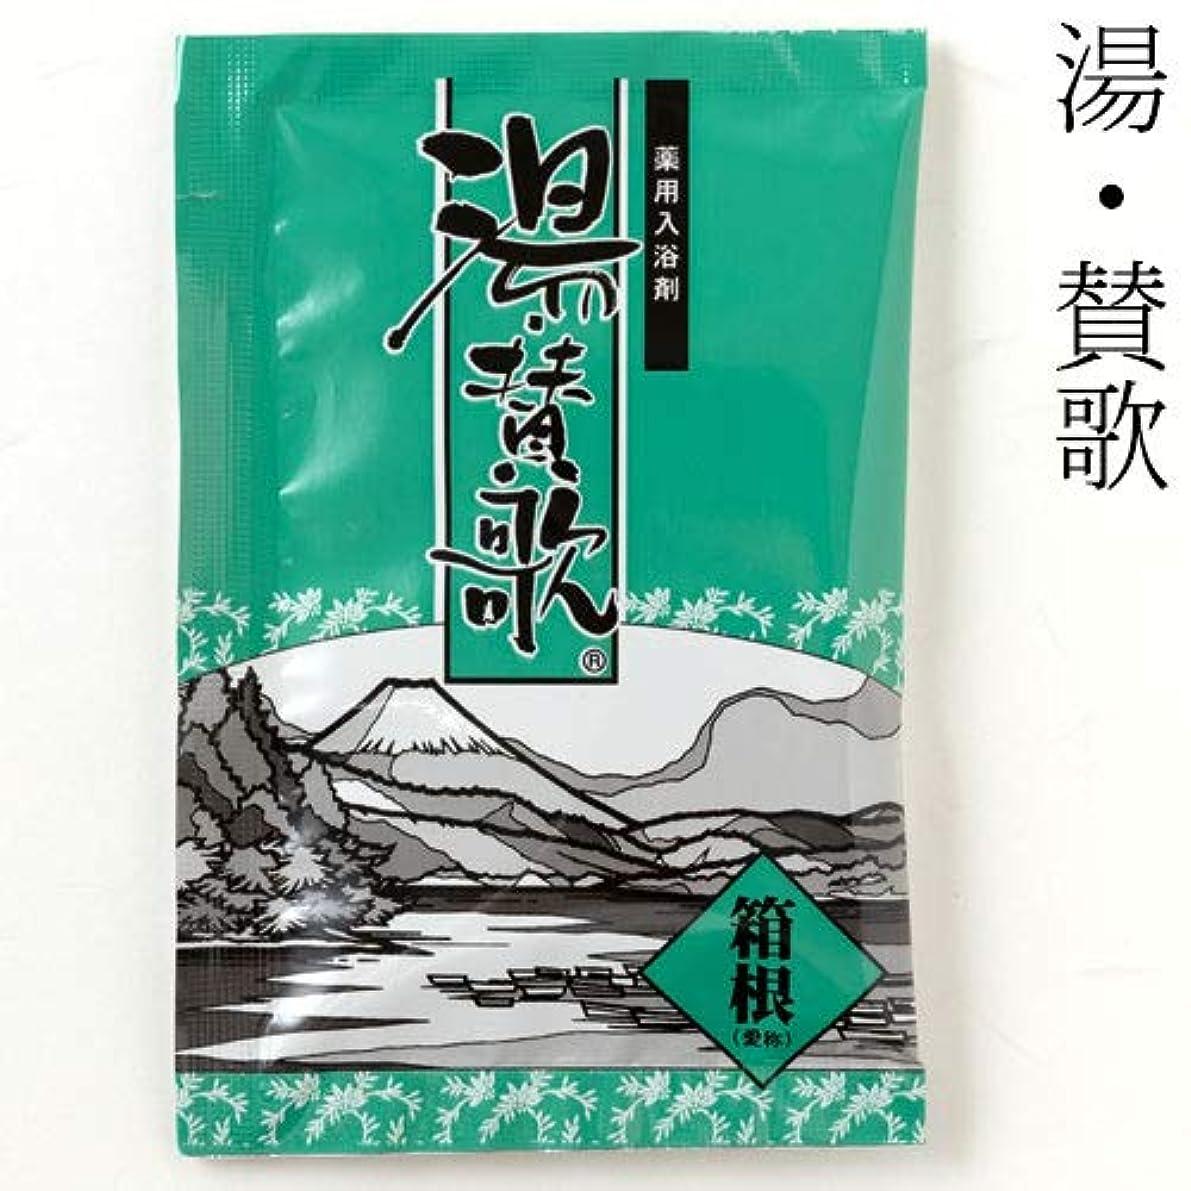 ピアノ素子バイオリニスト入浴剤湯?賛歌箱根1包石川県のお風呂グッズBath additive, Ishikawa craft